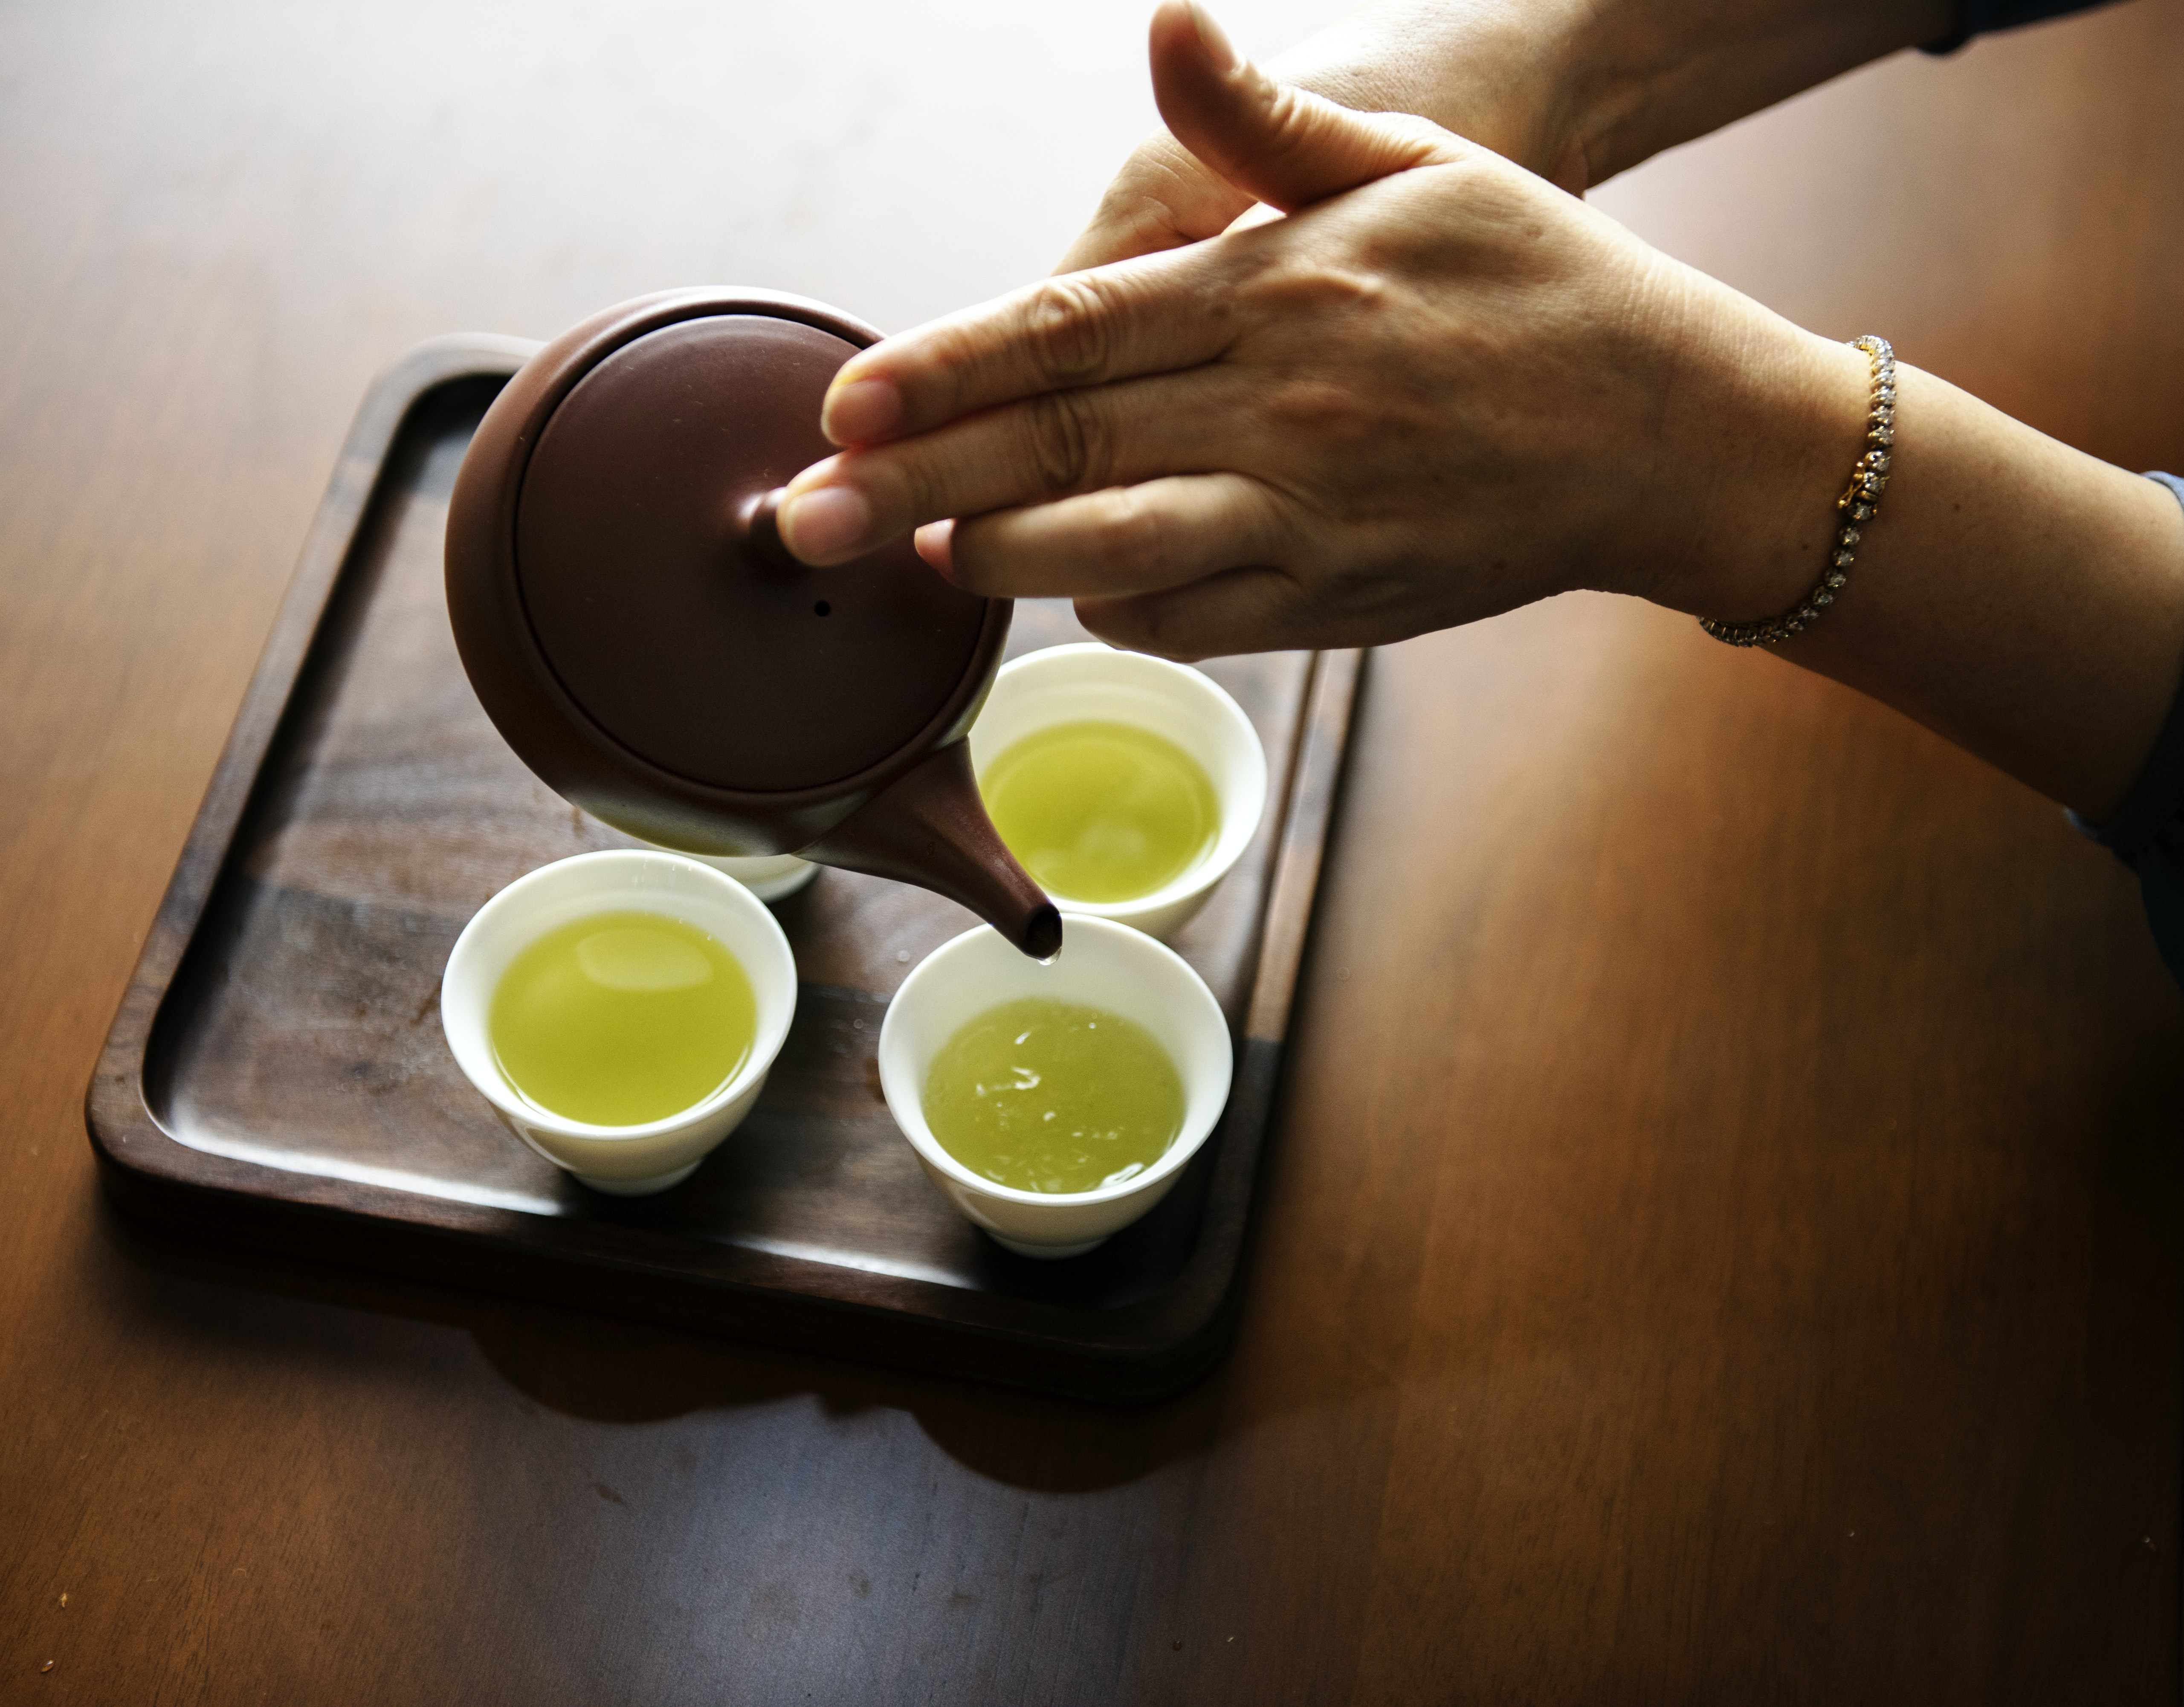 manfaat minum teh hijau untuk diet